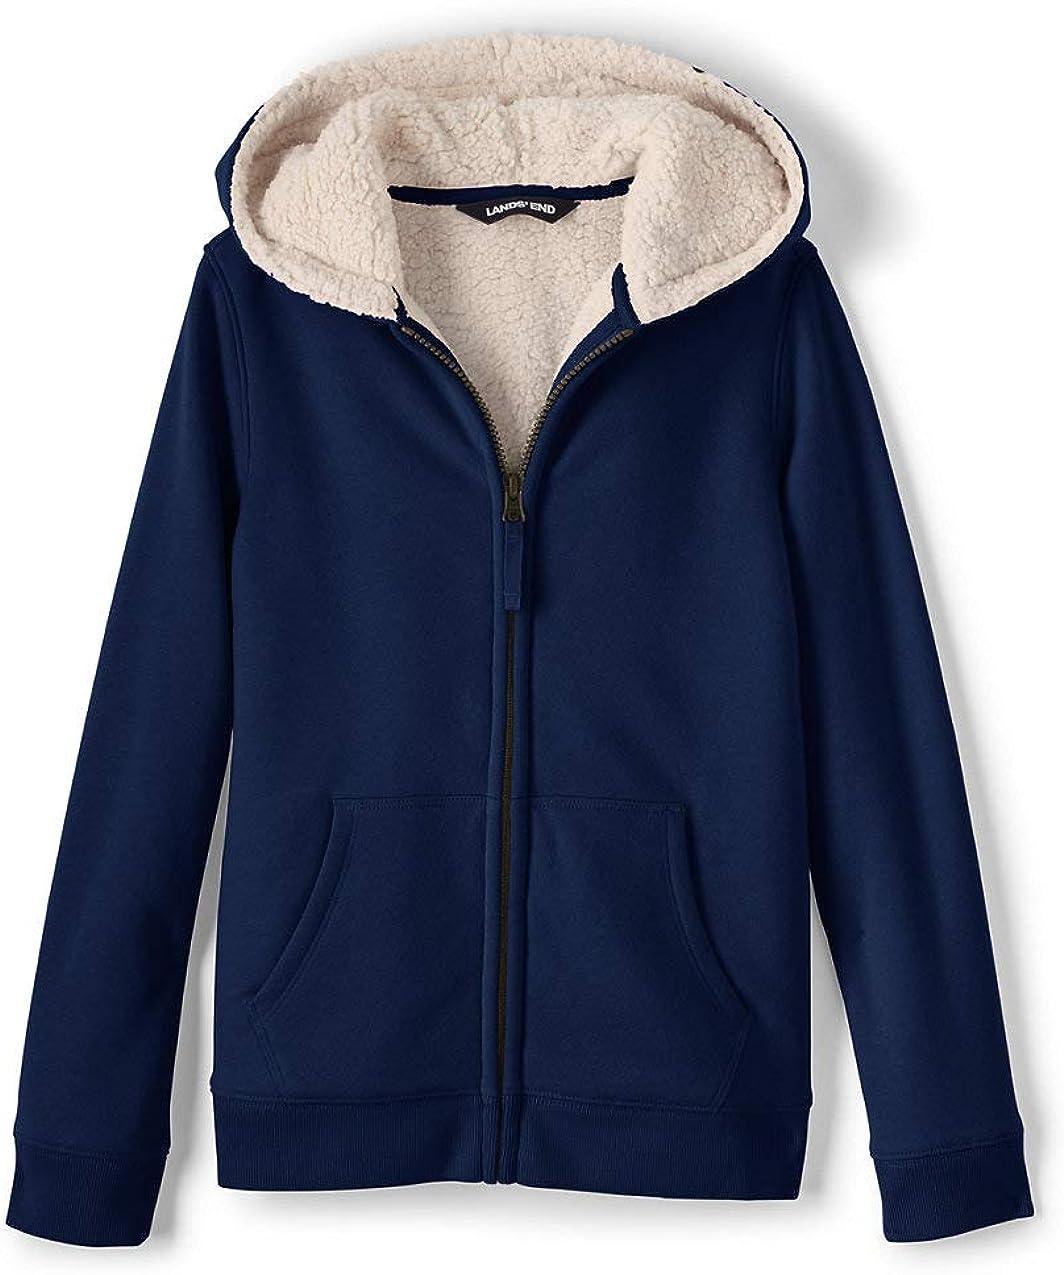 Lands' End Kids Sherpa Lined Zip Hoodie: Clothing